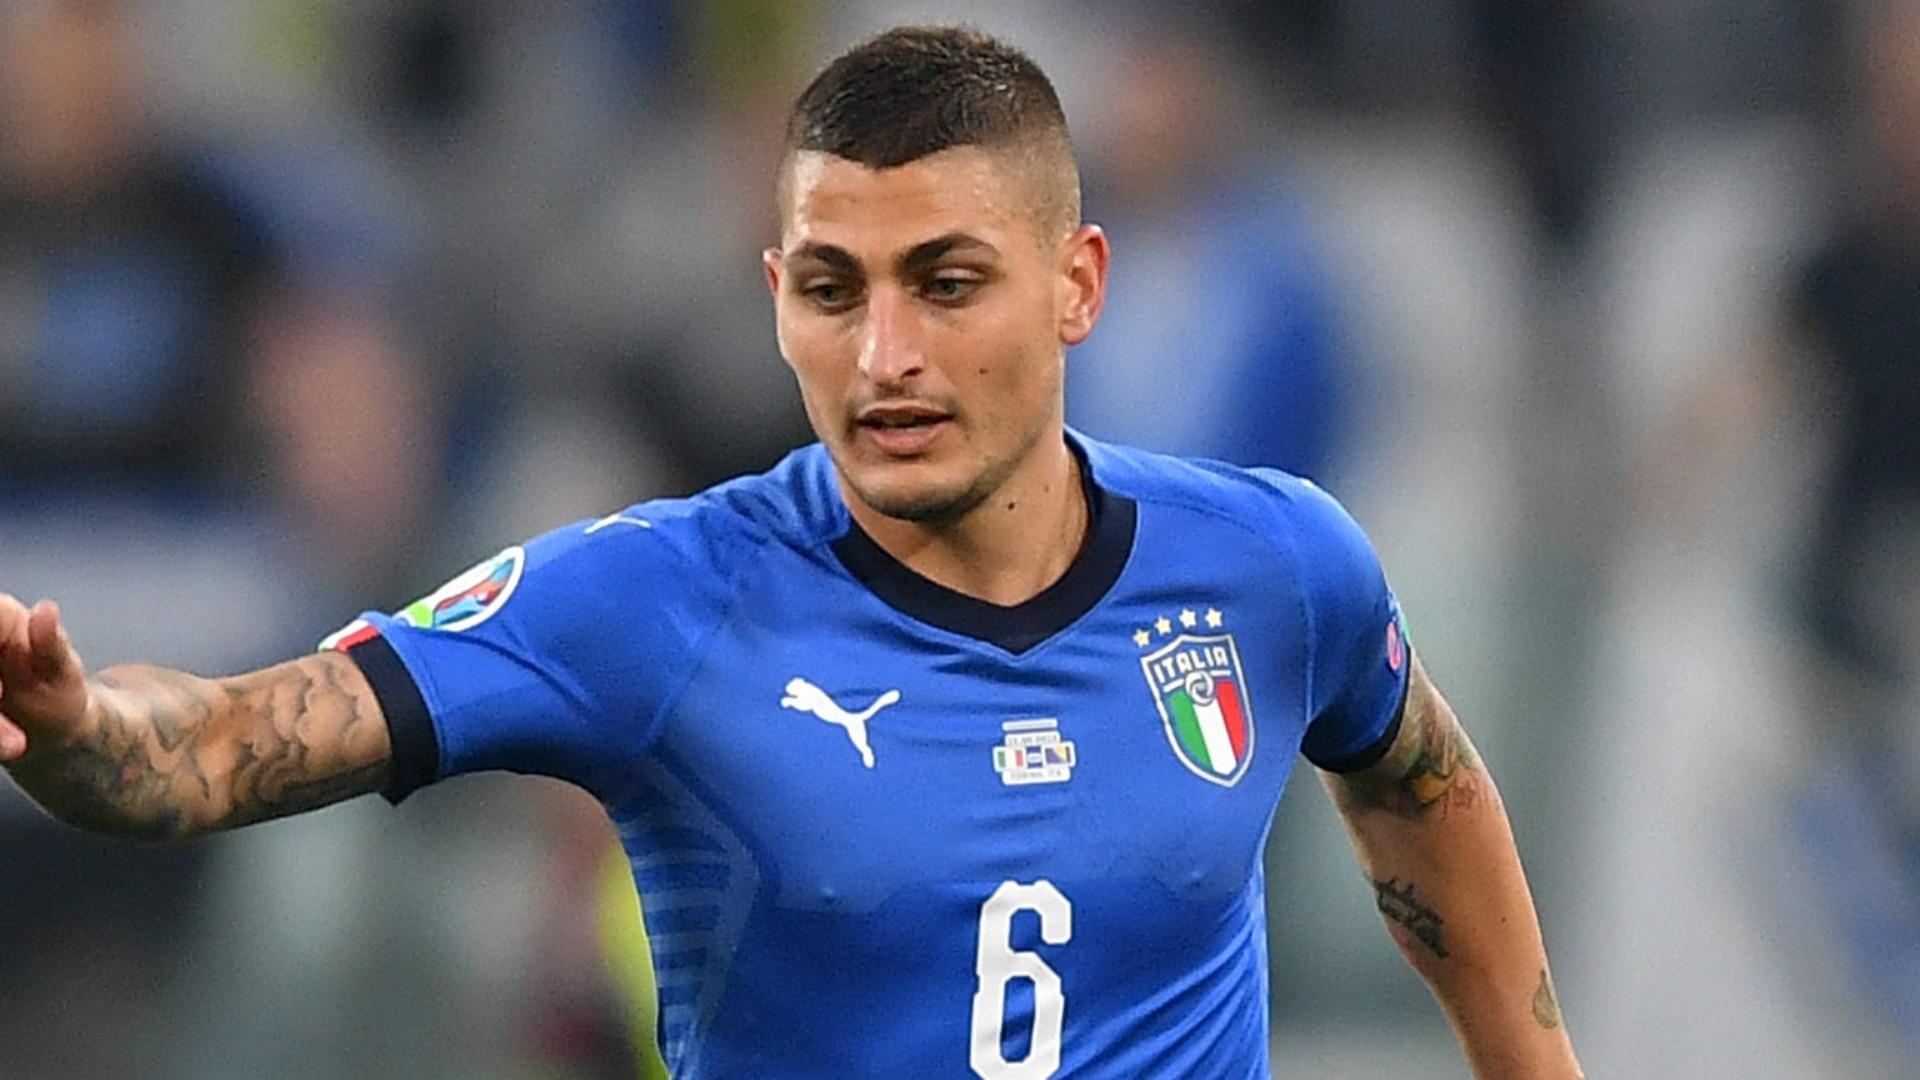 PSG - Retour anticipé pour Marco Verratti, suspendu avec l'Italie